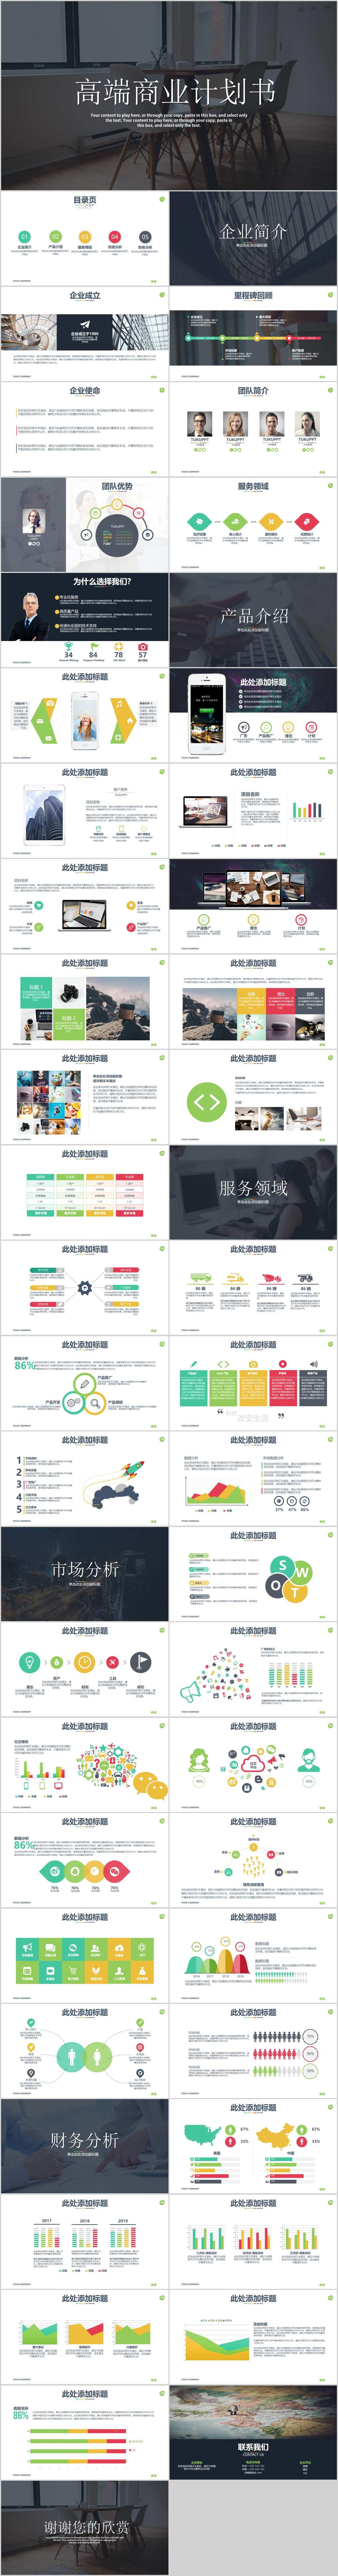 高端商务产品运营公司介绍商业计划书PPT